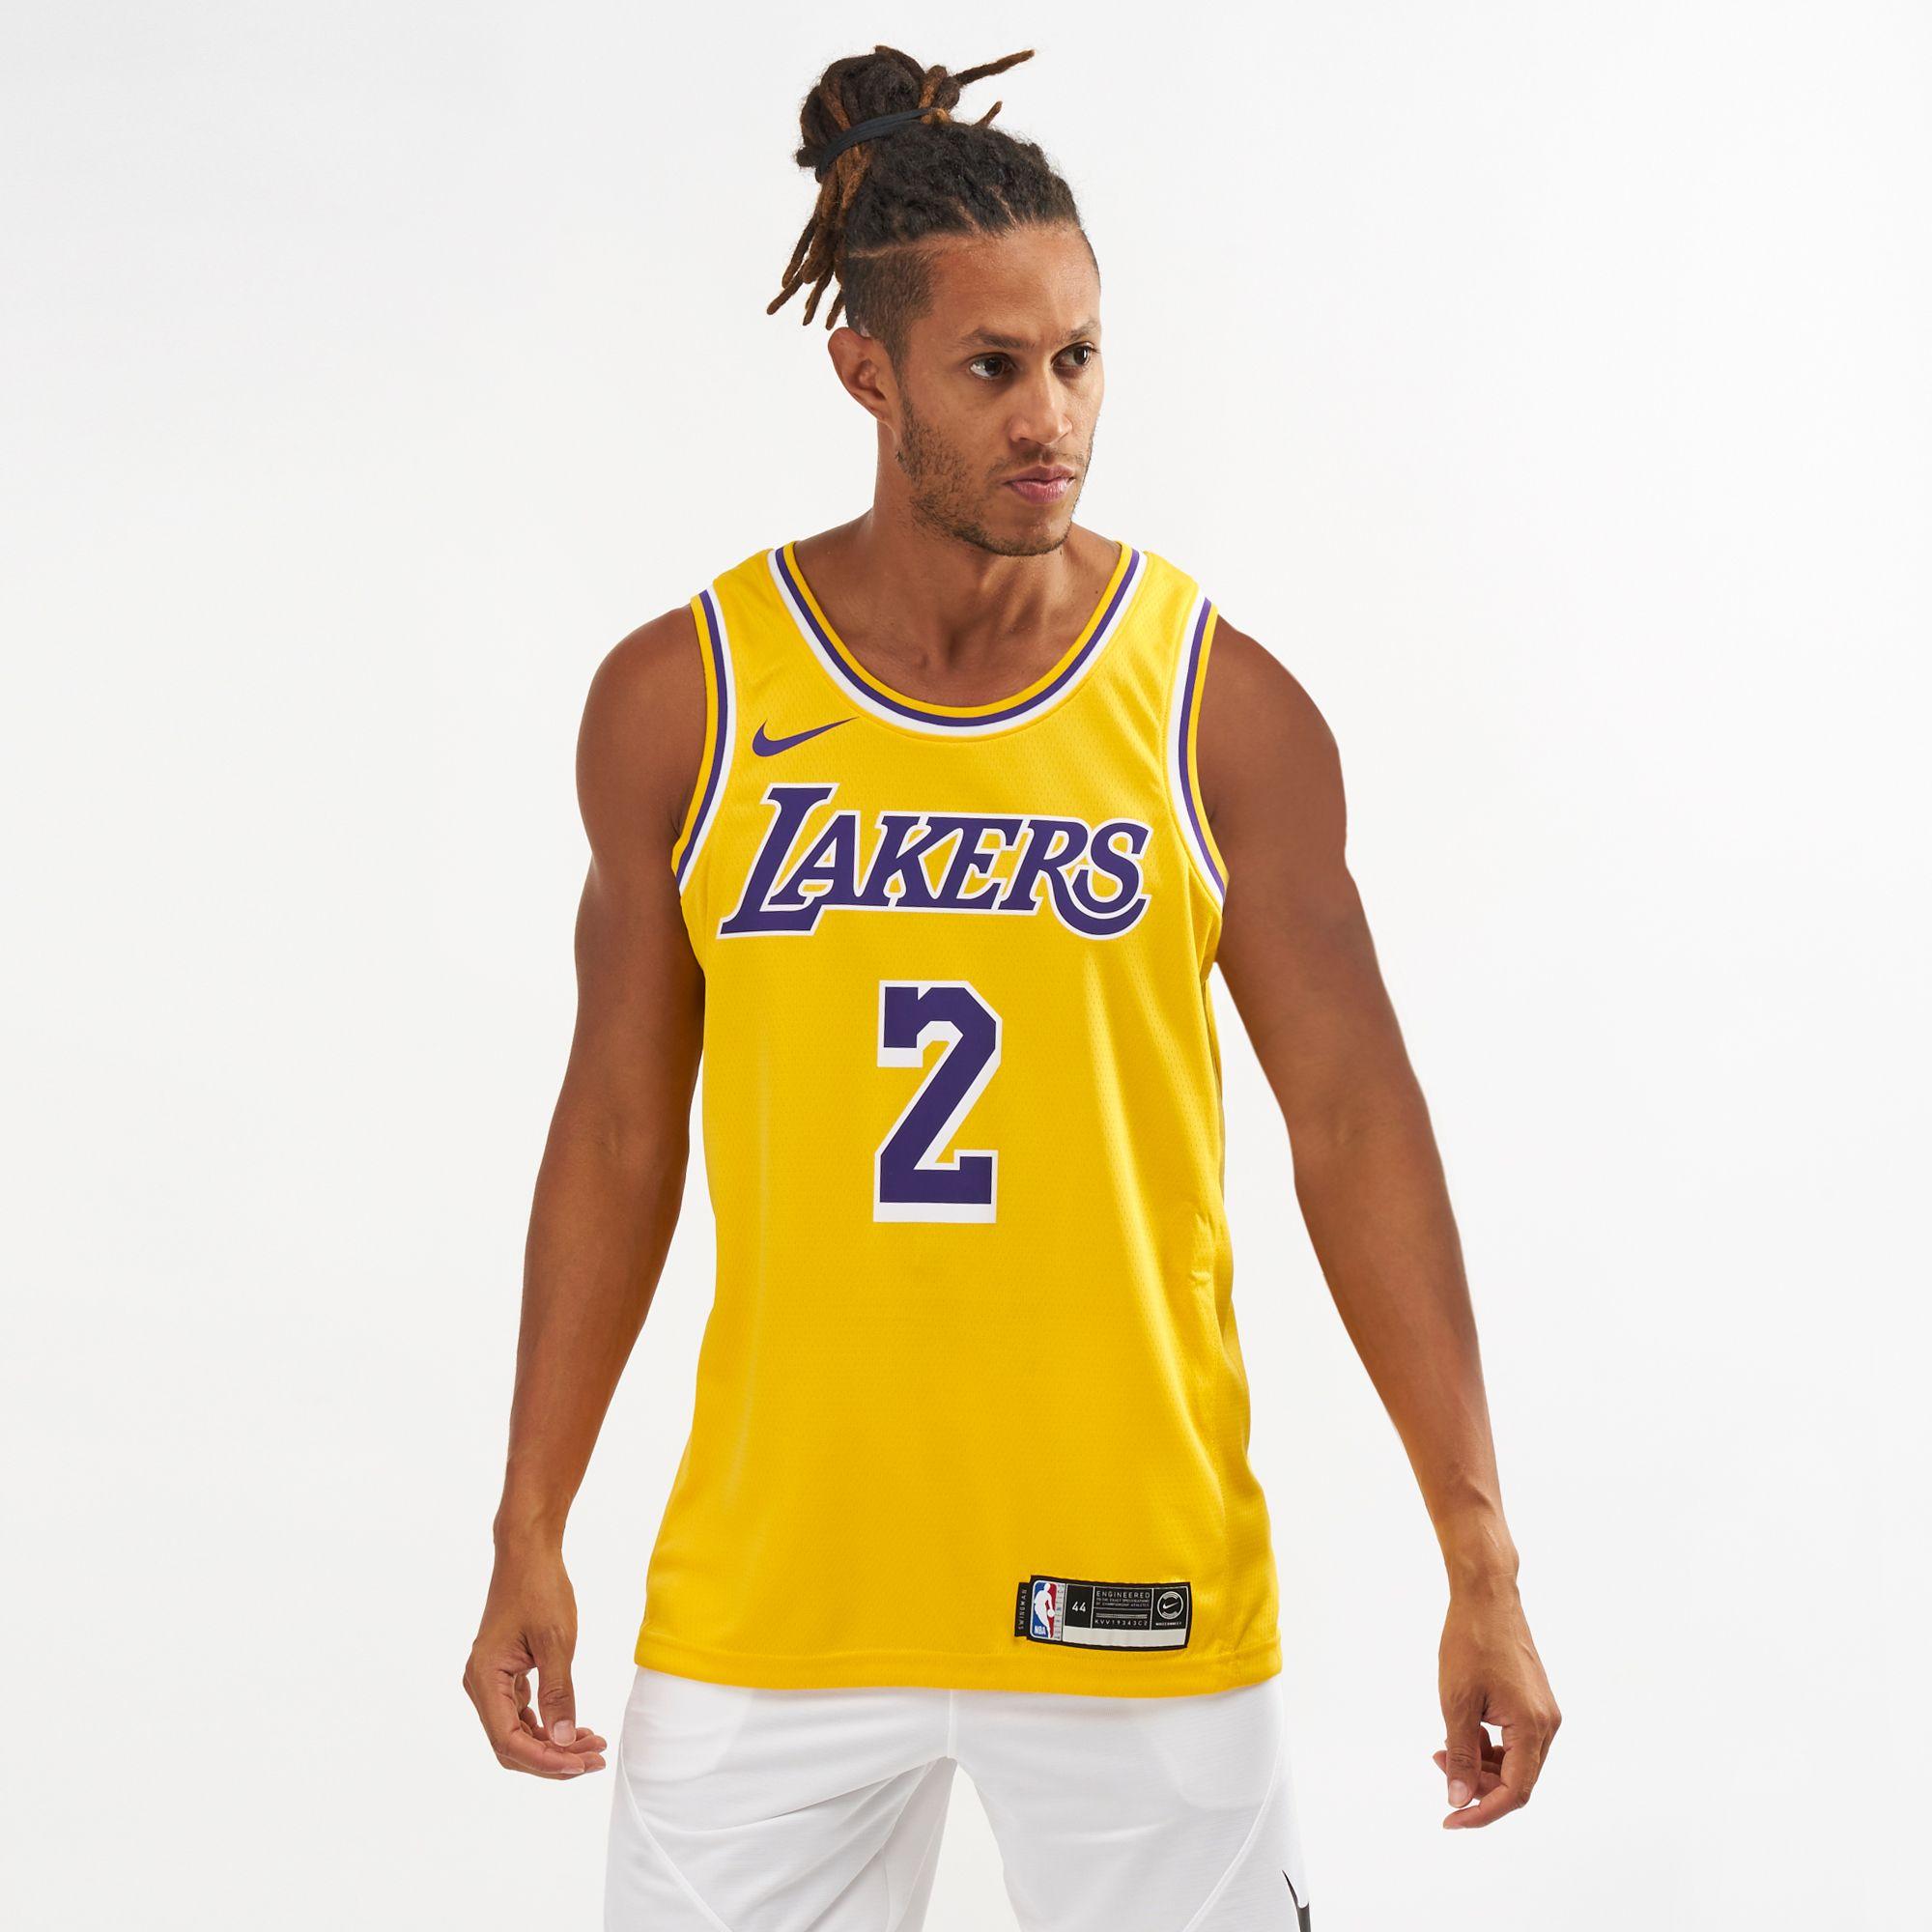 تيشيرت كرة السلة لوس أنجلوس ليكرز سوينجمان لونزو بول بلا أكمام